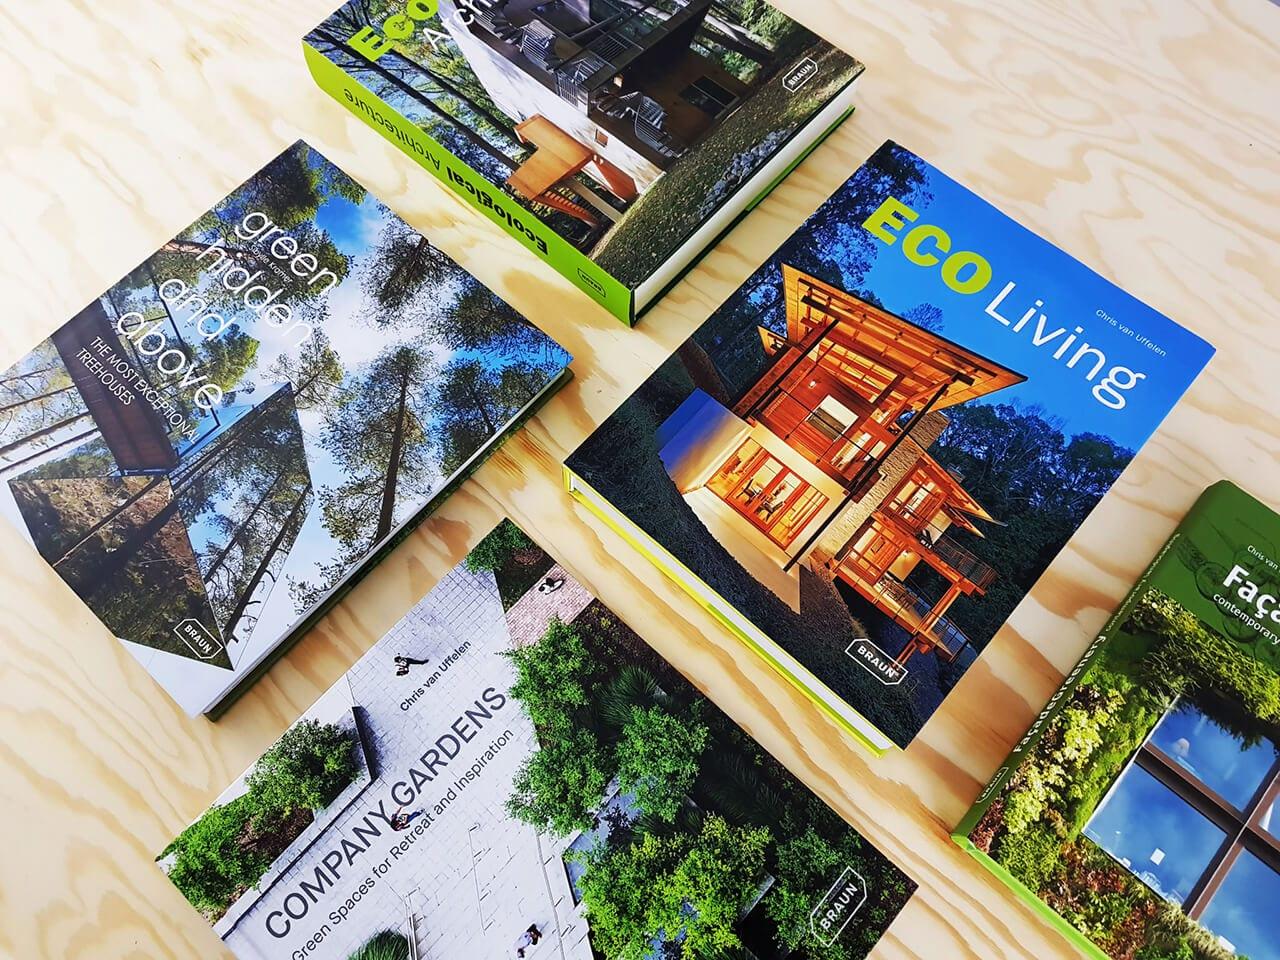 Braun Publishing Bücher liegend